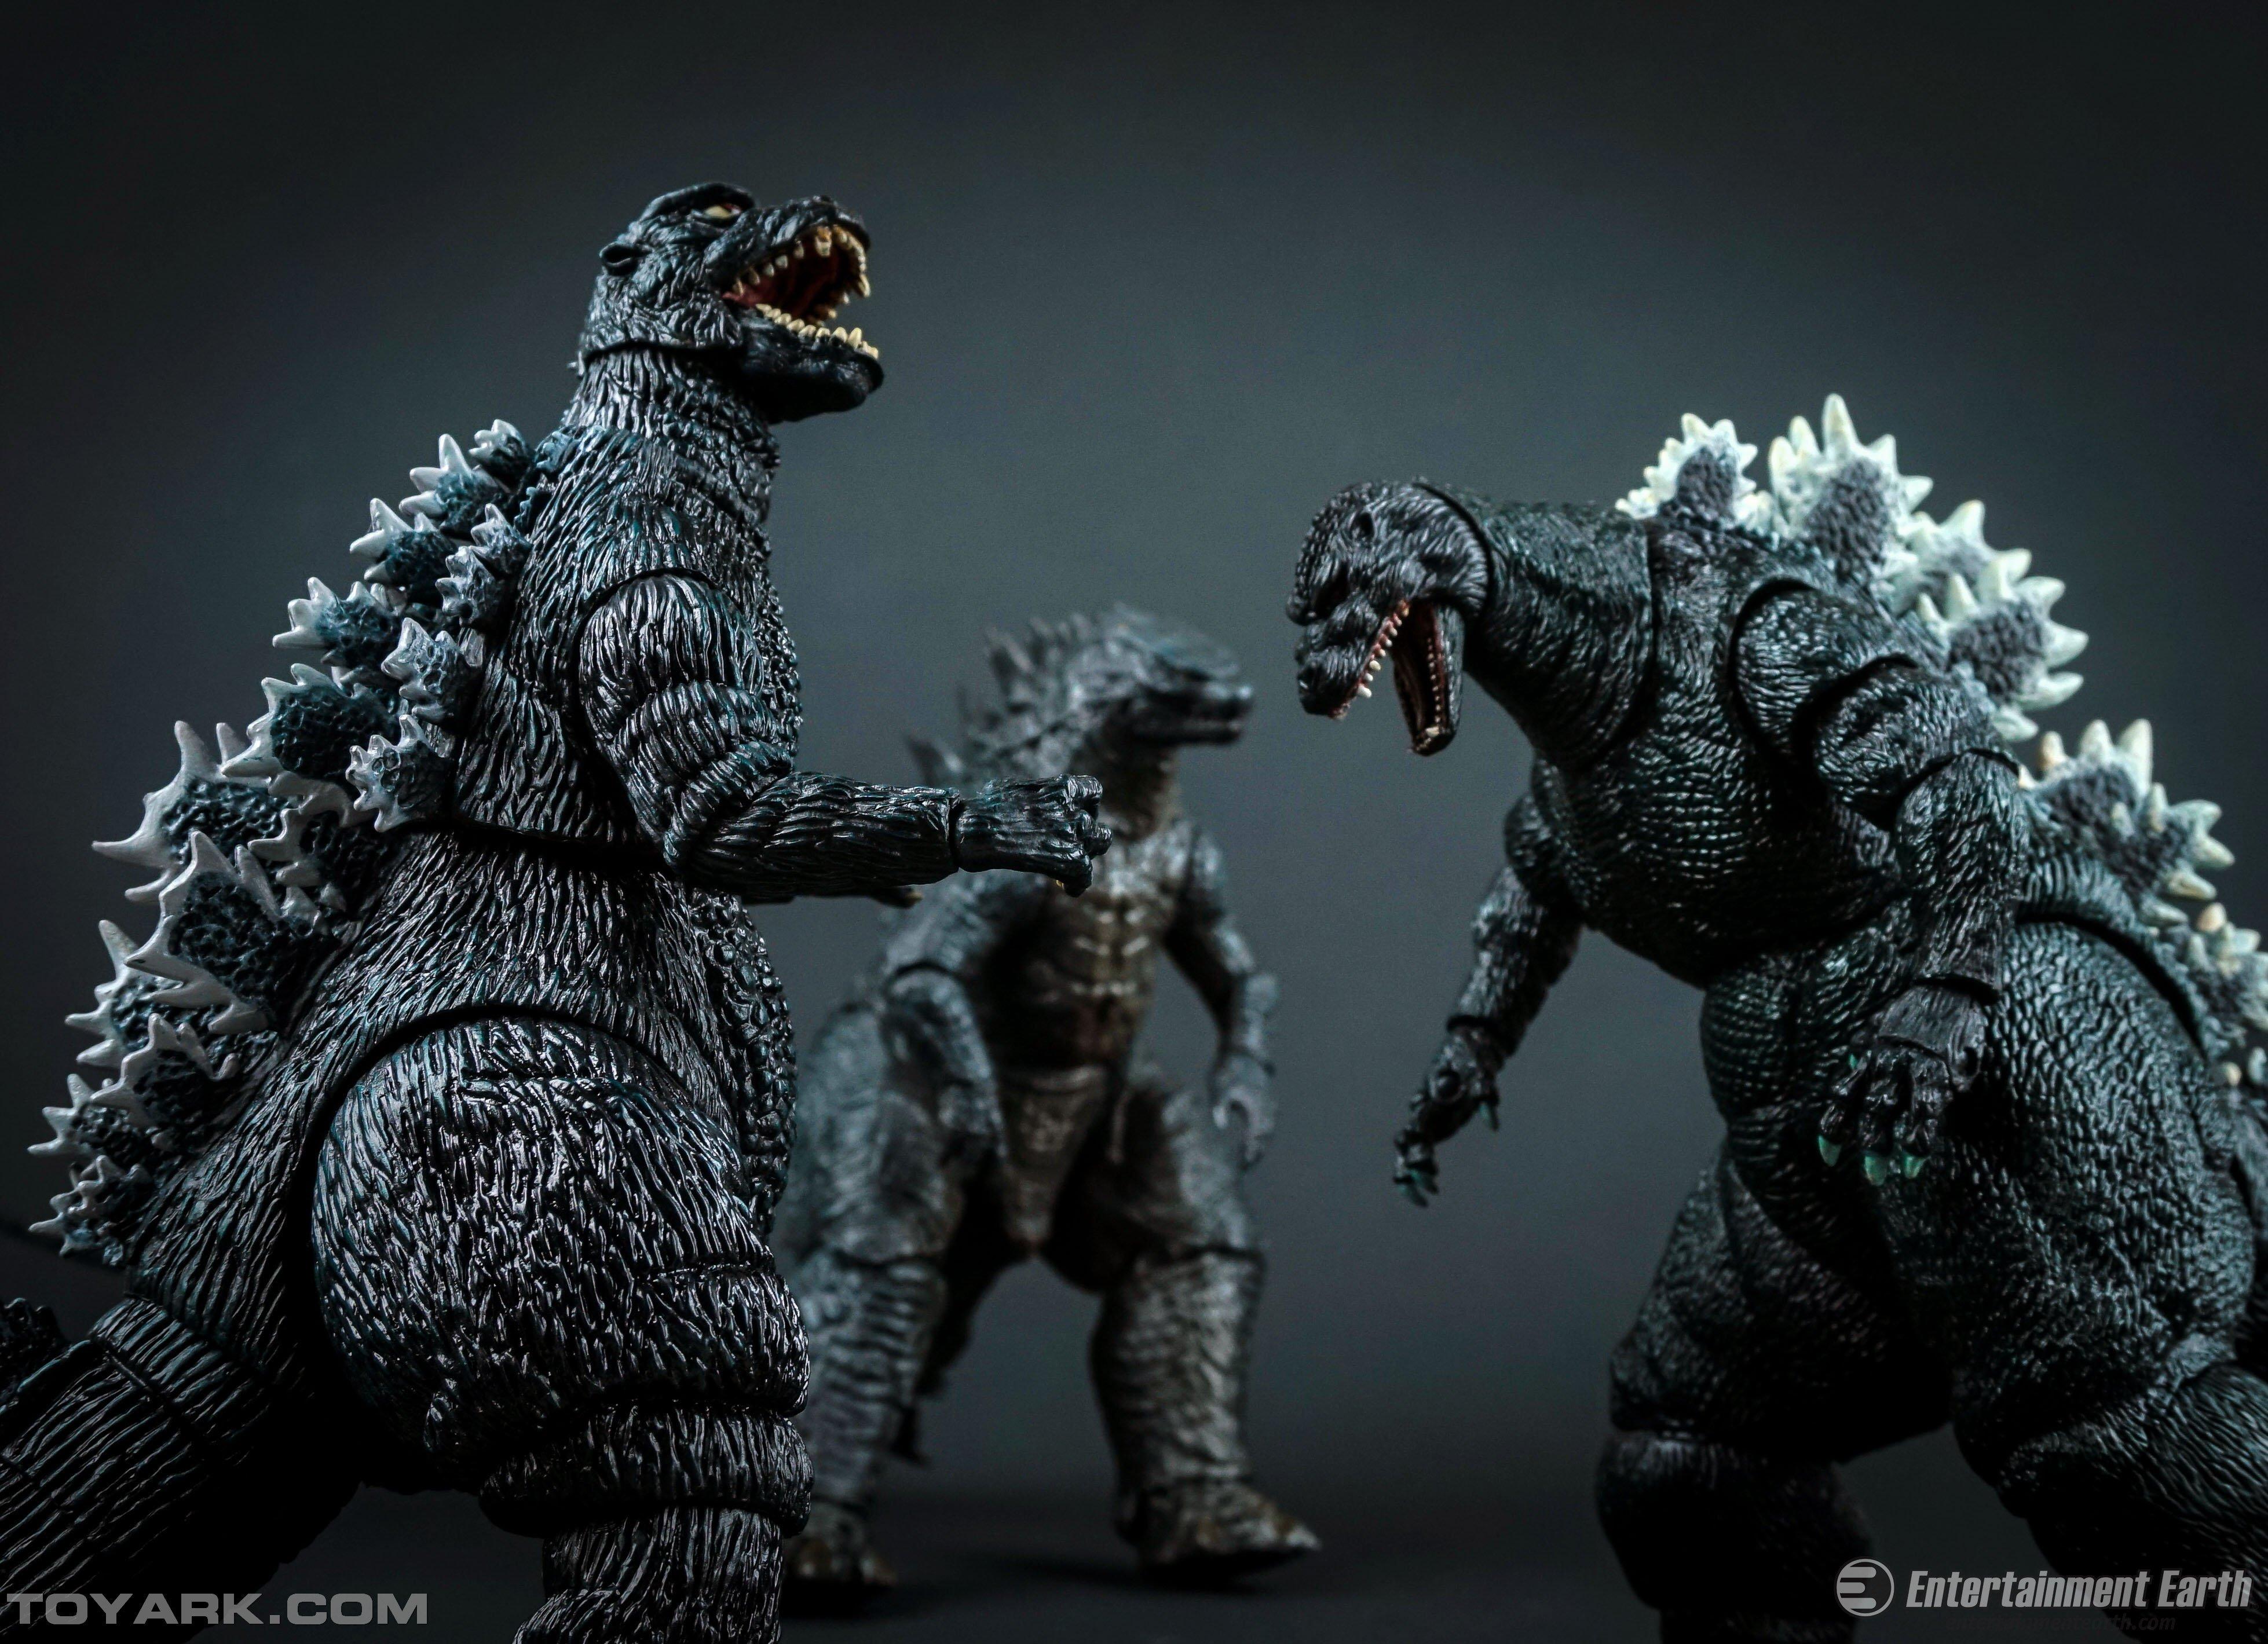 wallpaper godzilla monster dinosaur - photo #22